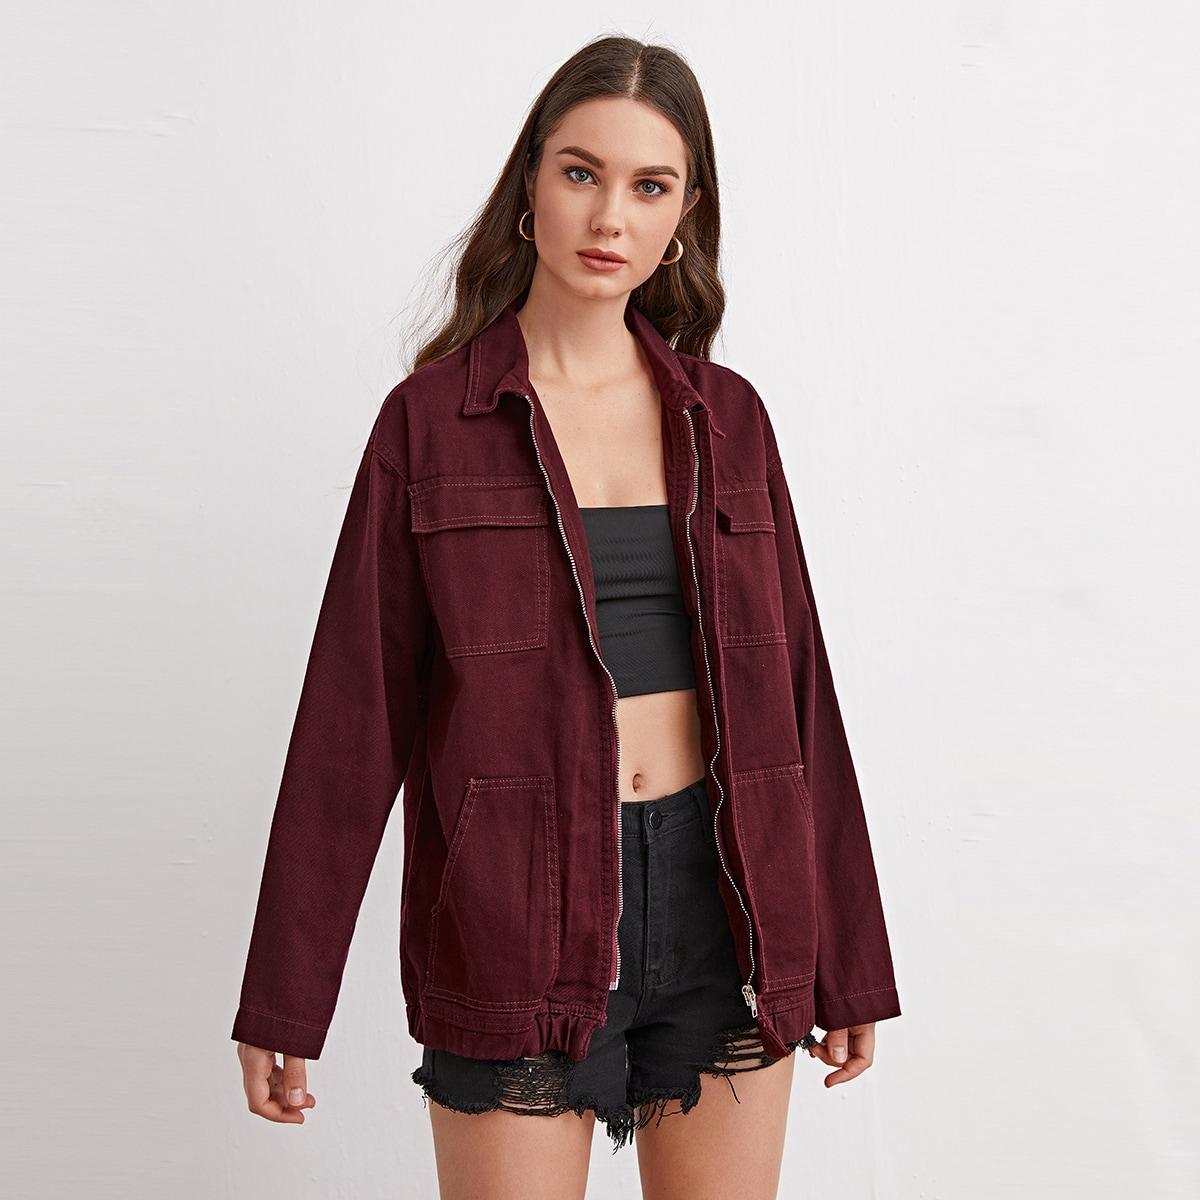 Джинсовая куртка с заниженными карманами на плечах